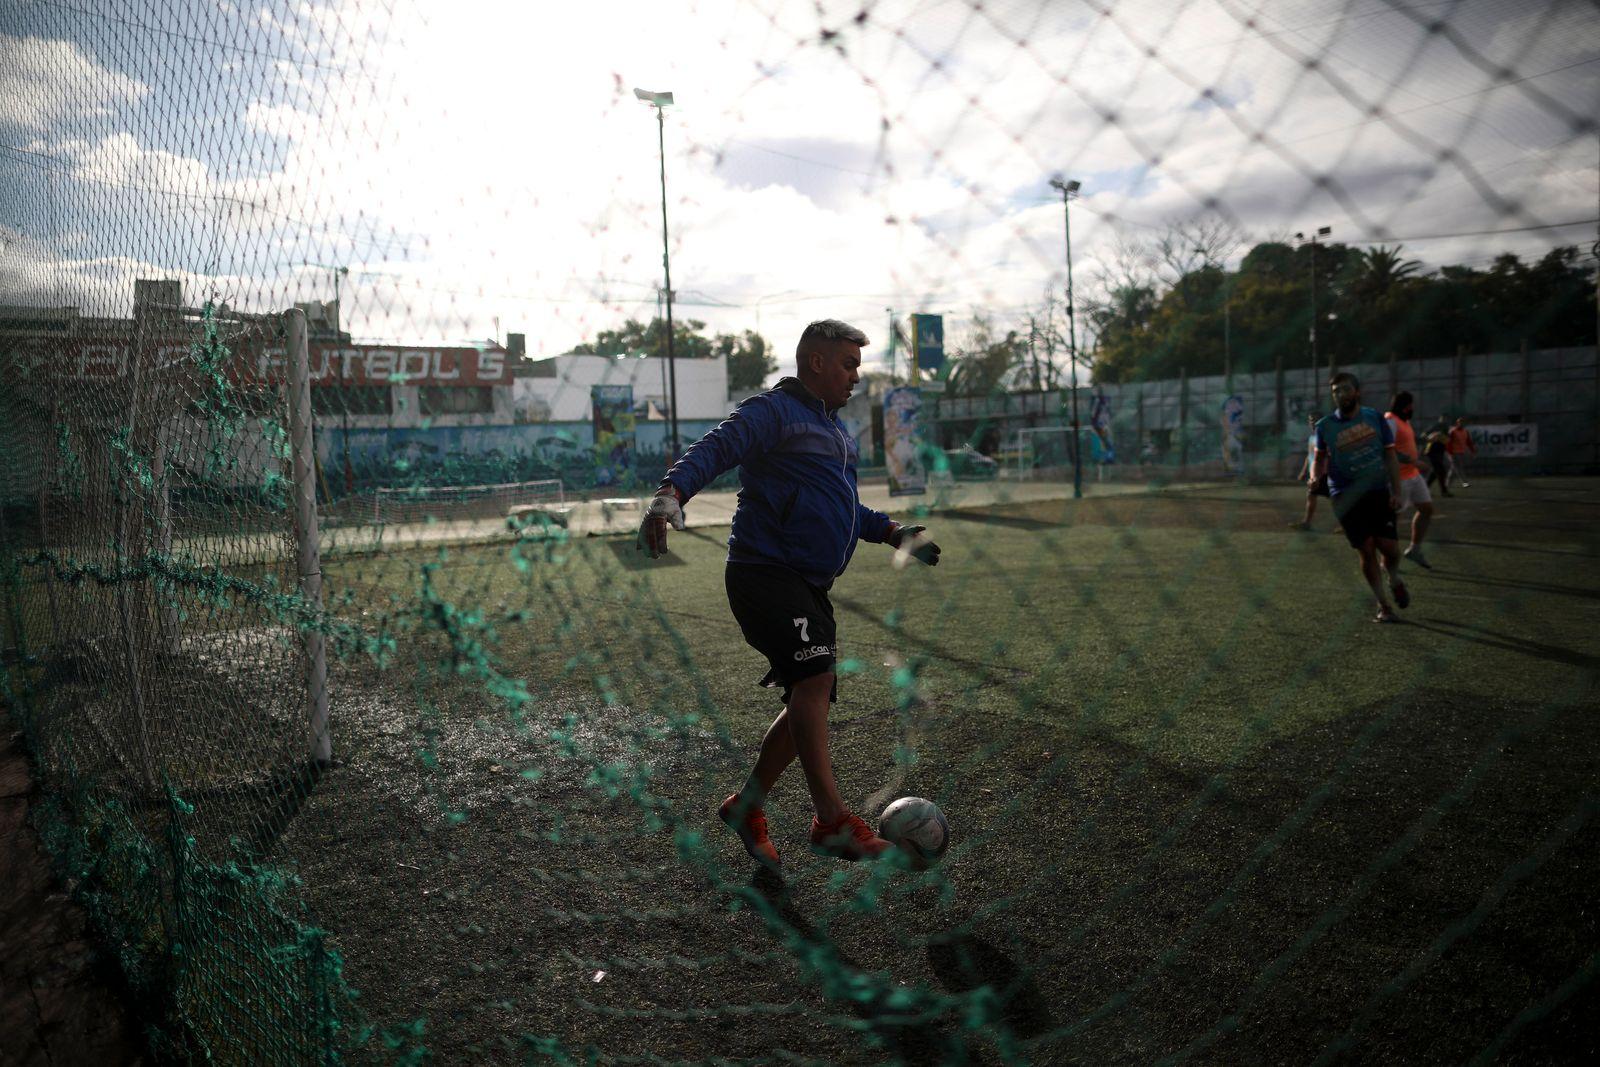 Virus Outbreak Argentina Soccer